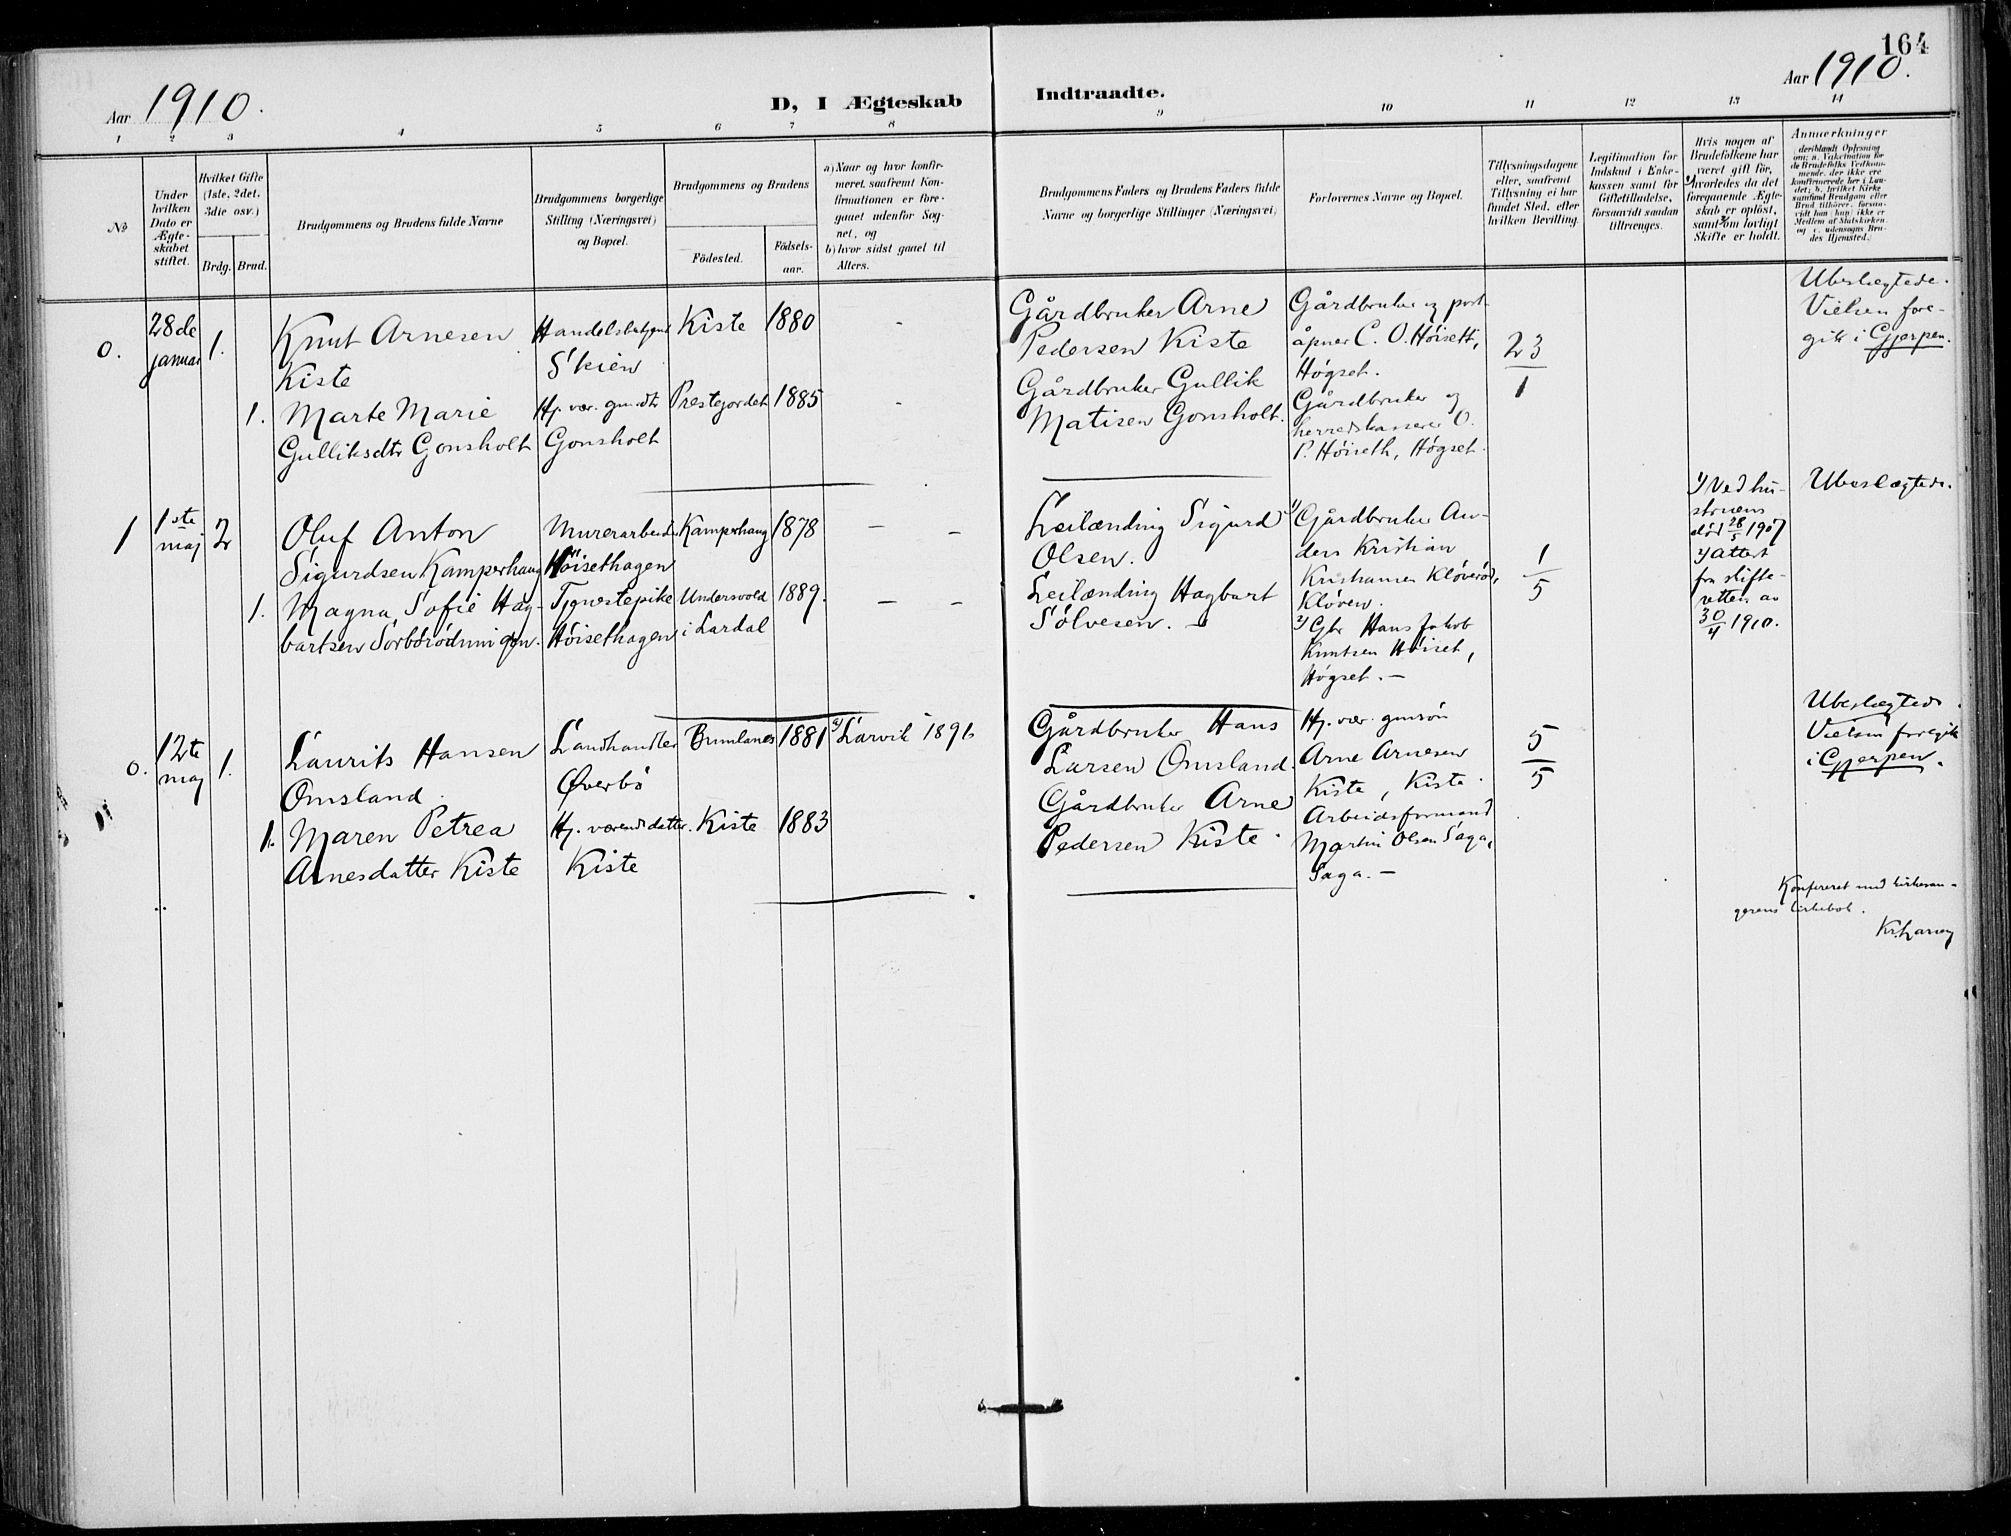 SAKO, Siljan kirkebøker, F/Fa/L0003: Ministerialbok nr. 3, 1896-1910, s. 164